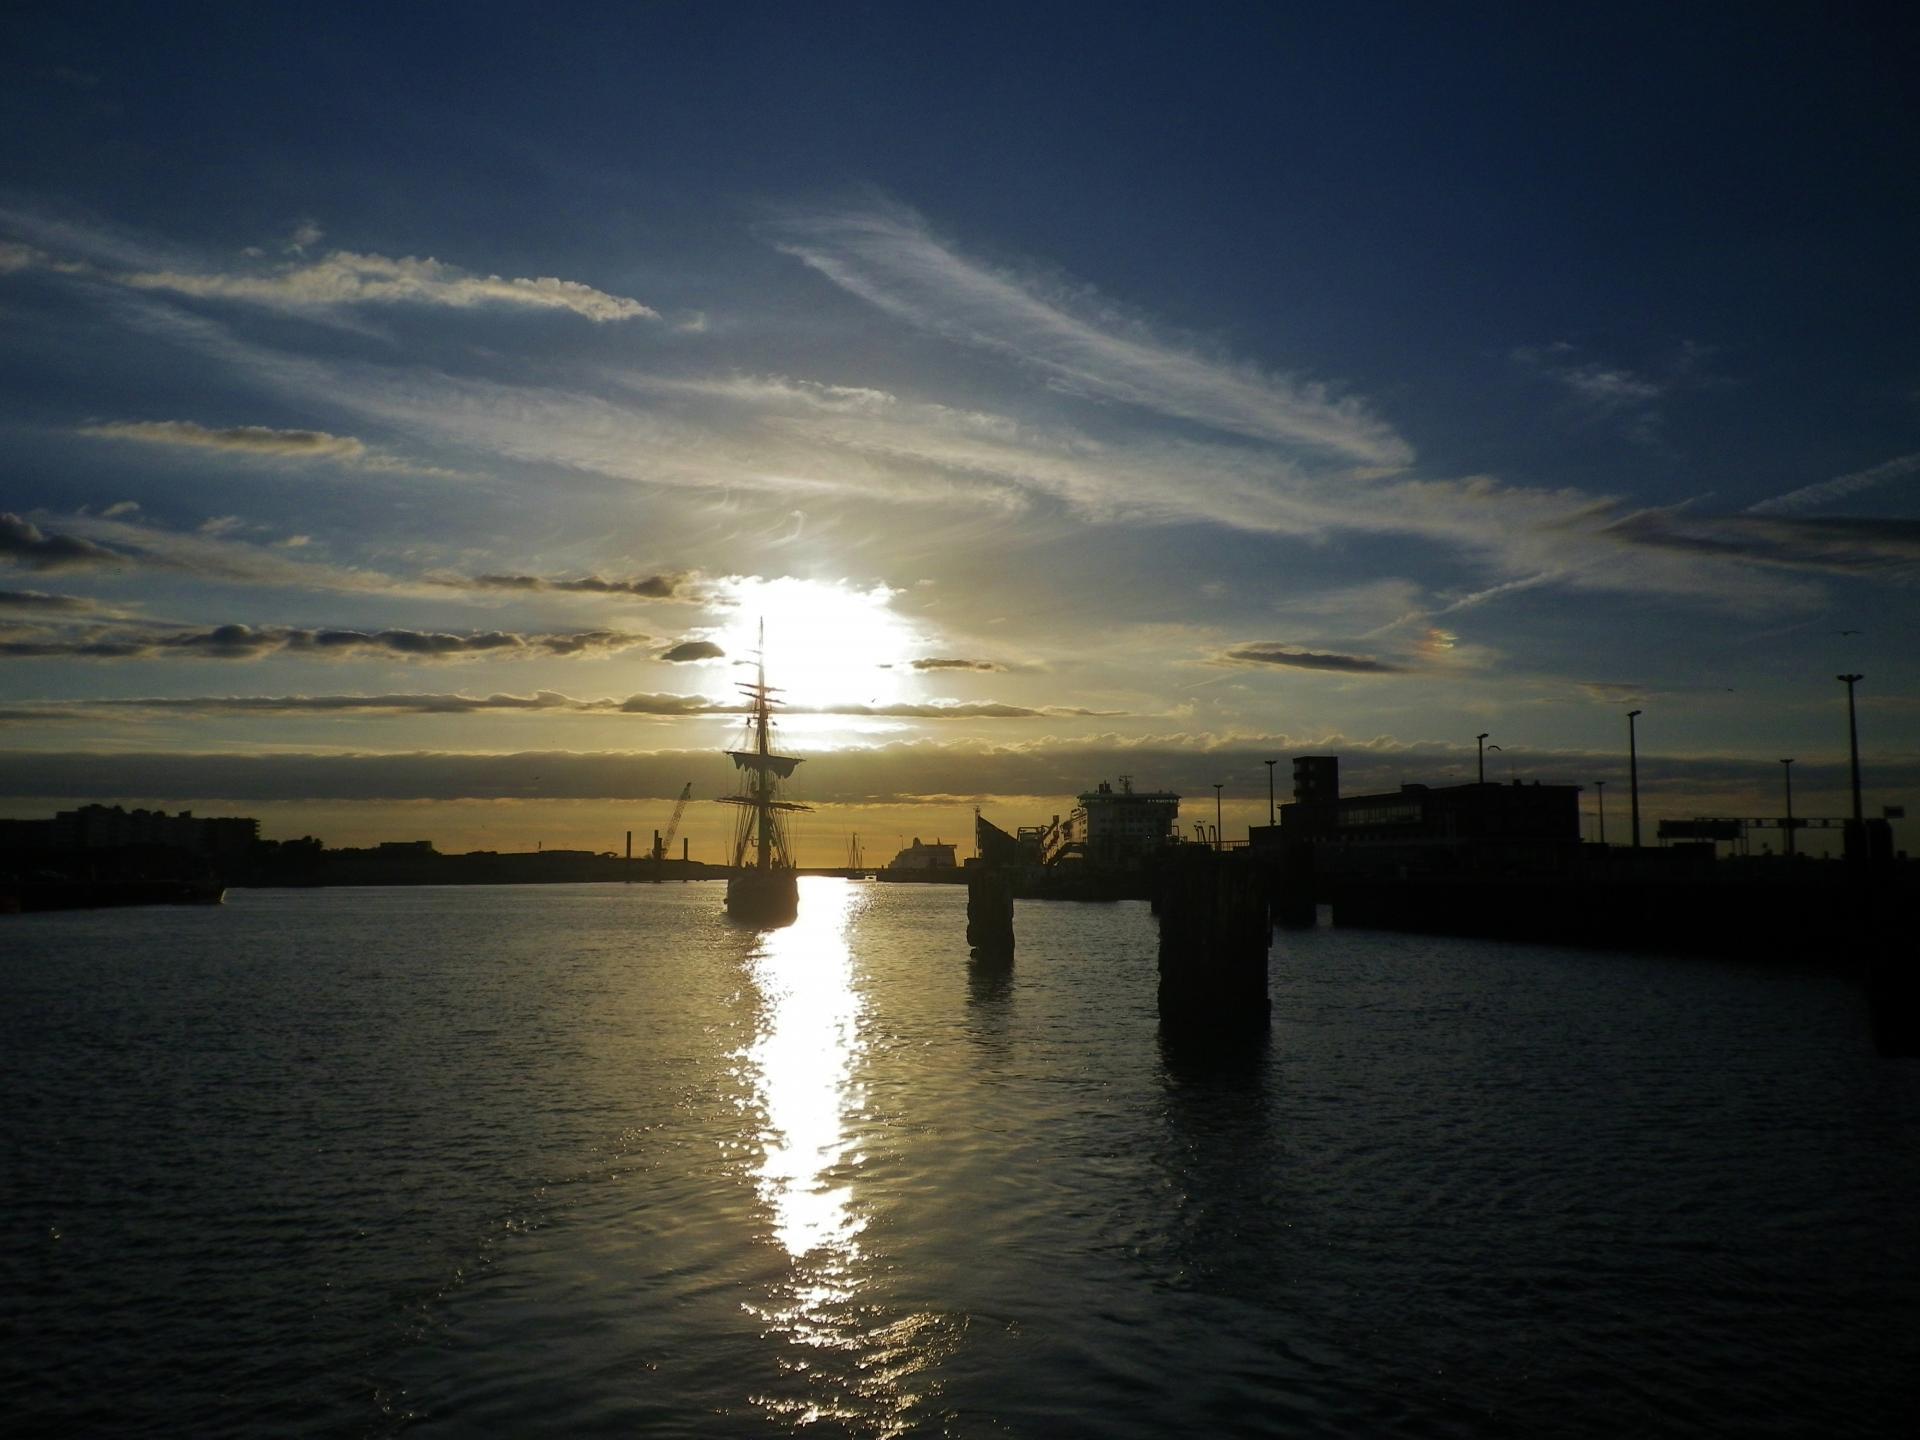 coucher de soleil port de calais et vieux bateaux